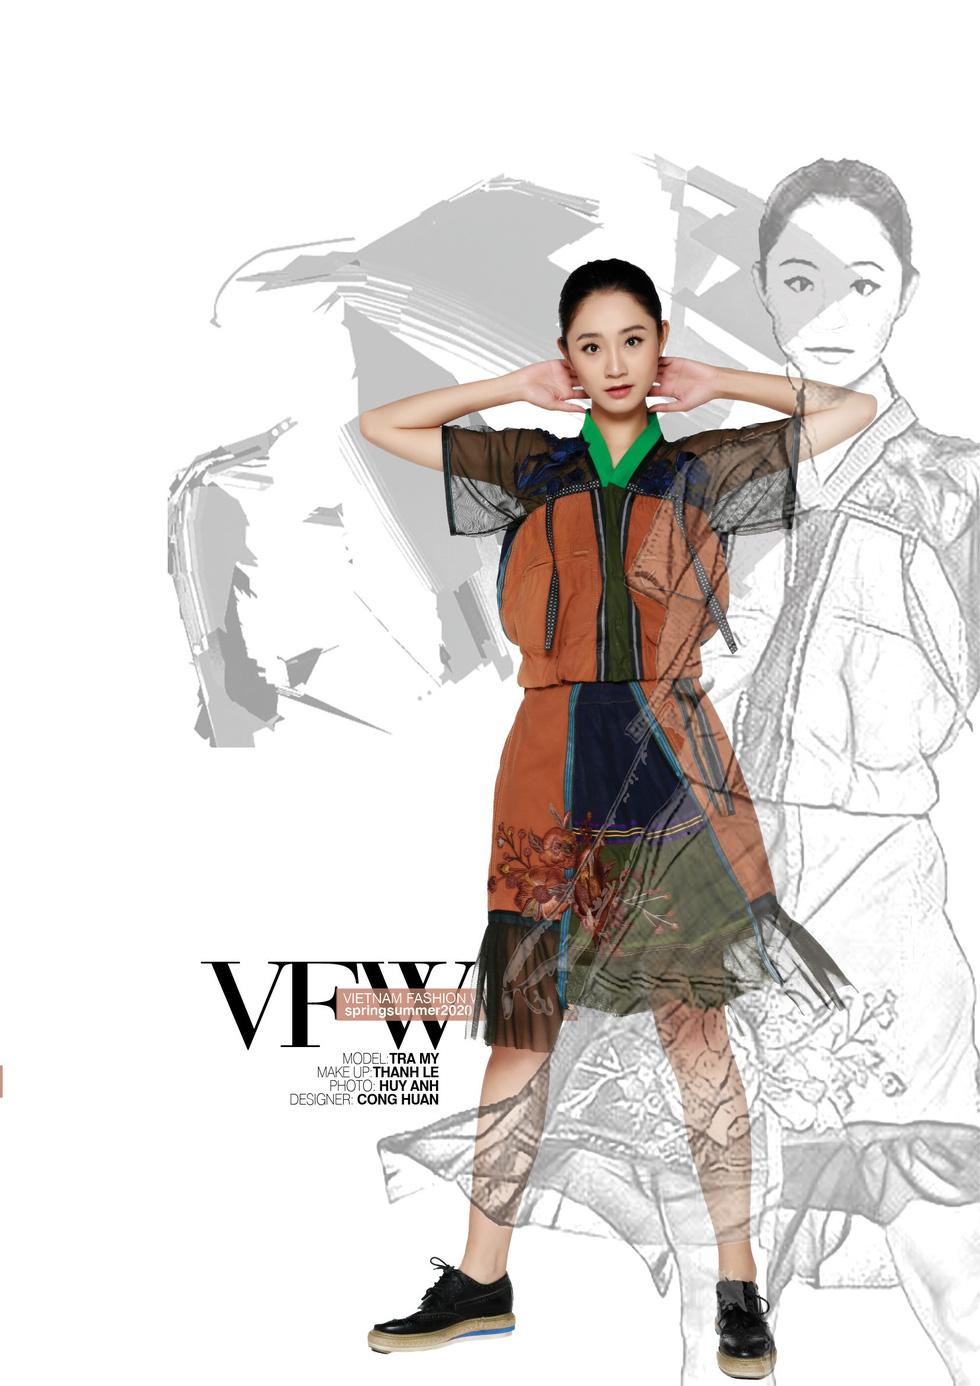 NTK Minh Hạnh: Sao phải đợi Louis Vuitton, ta mới thấy Việt Nam mình đẹp! - Ảnh 7.